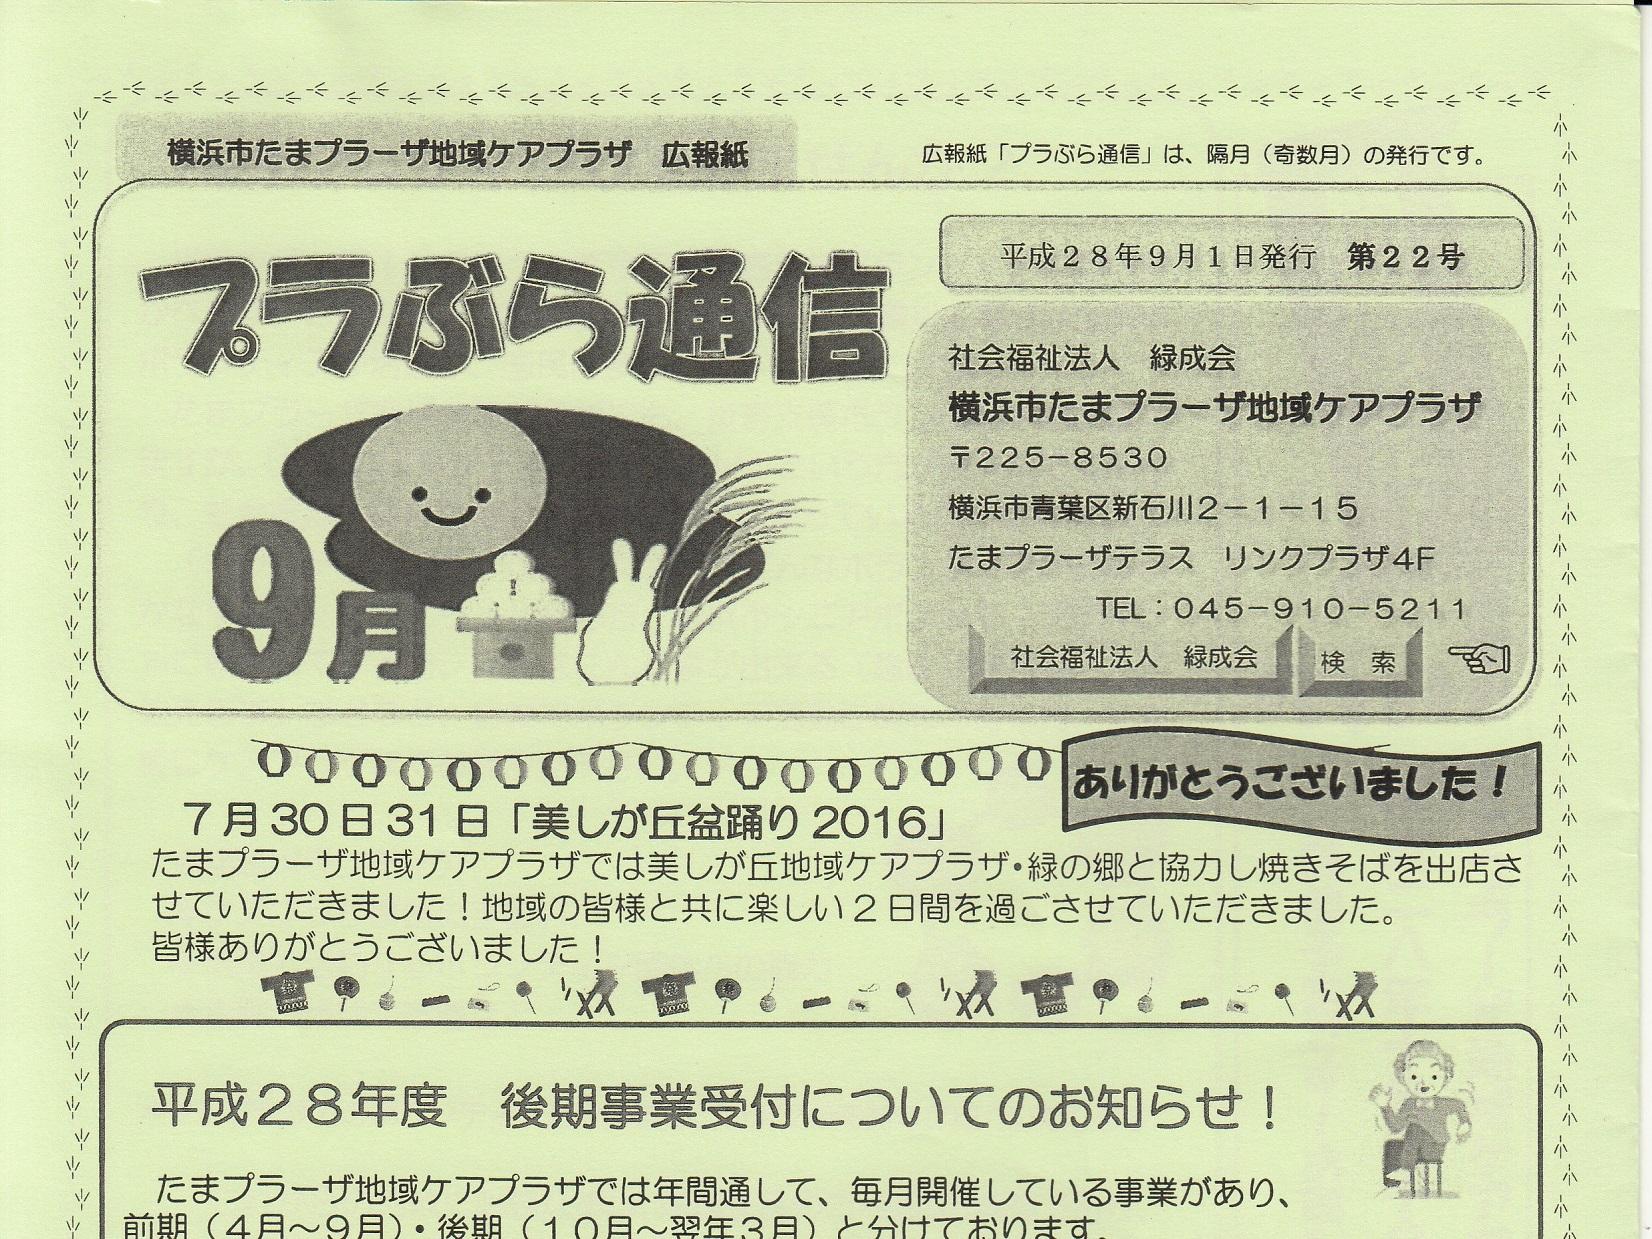 プラぶら通信第22号(横浜市たまプラーザ地域ケアプラザ)